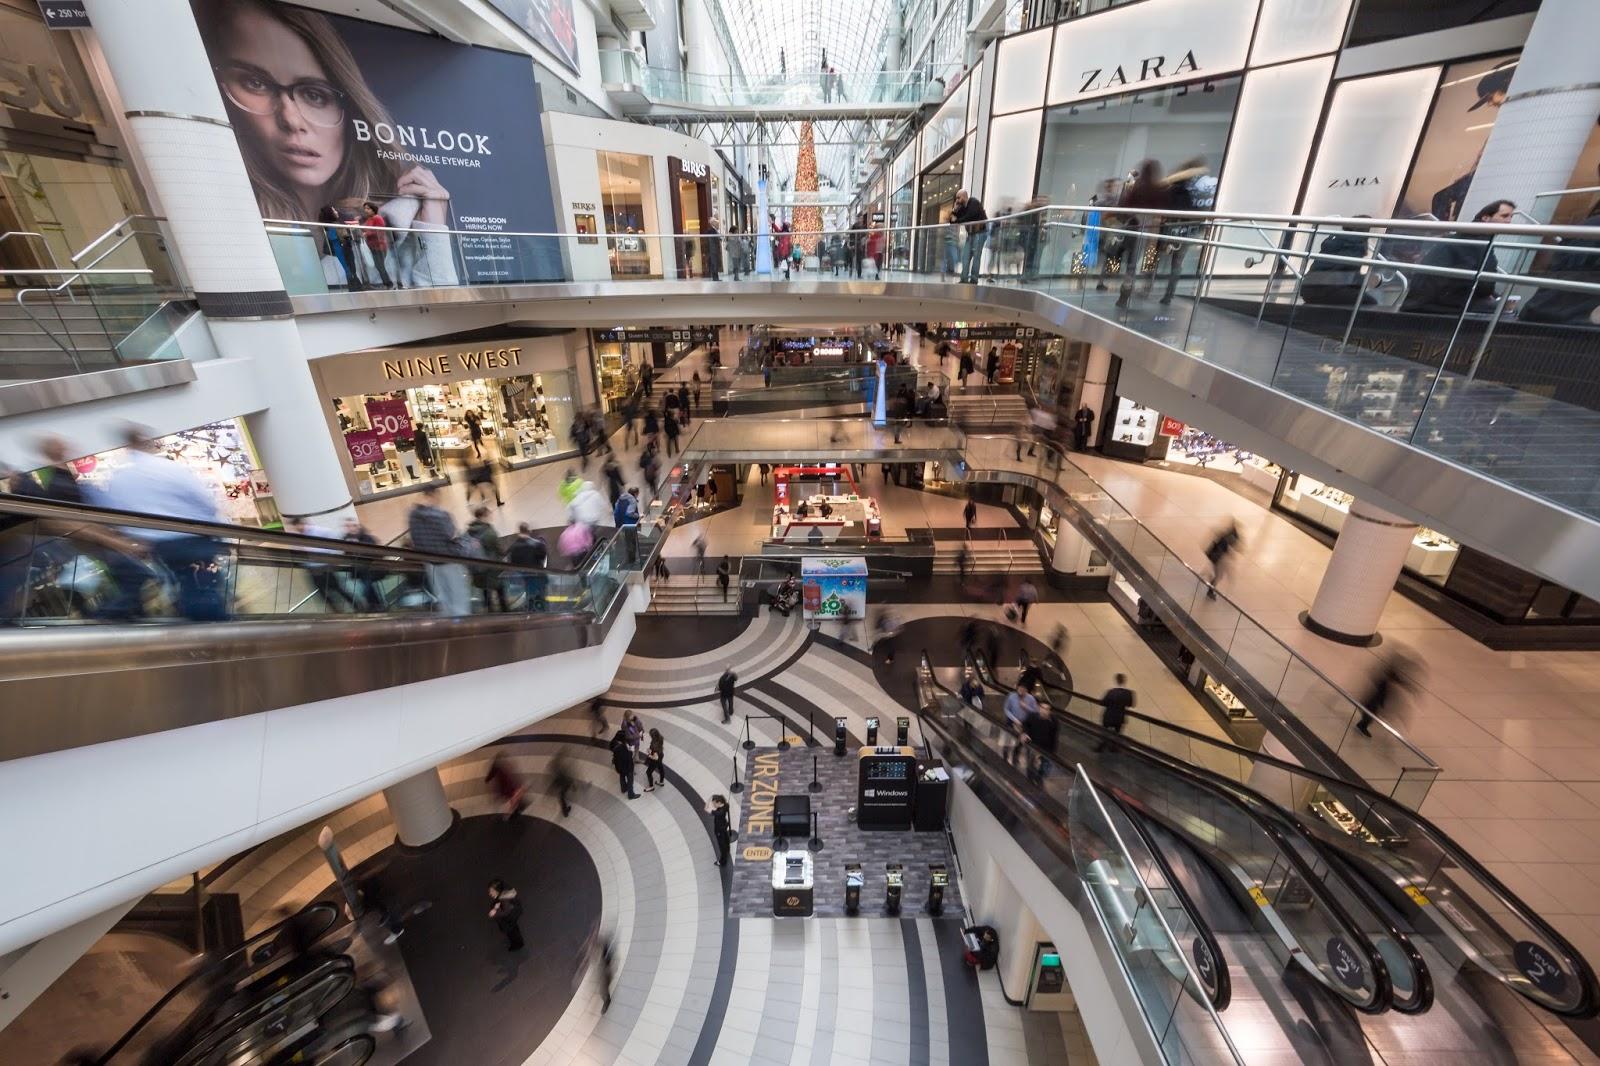 Trung tâm thương mại sang trọng, sầm uất